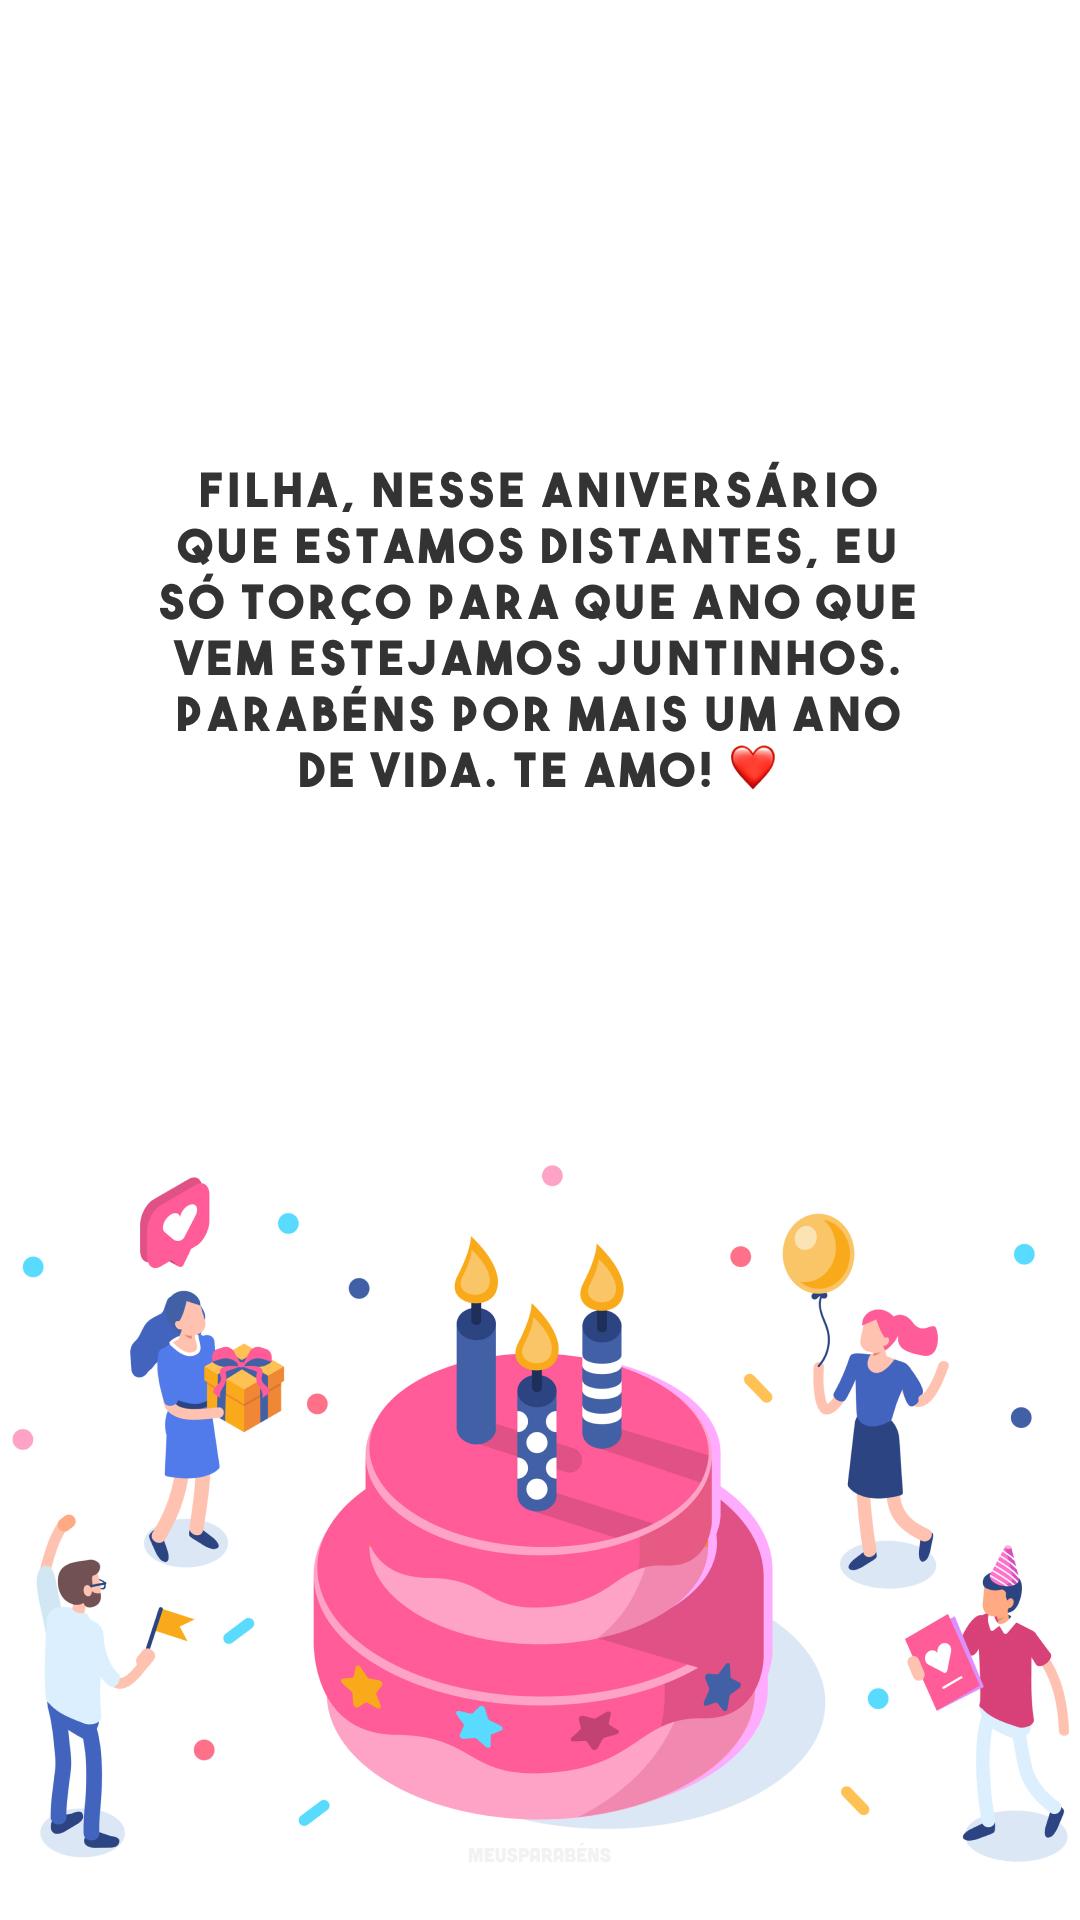 Filha, nesse aniversário que estamos distantes, eu só torço para que ano que vem estejamos juntinhos. Parabéns por mais um ano de vida. Te amo! ❤️